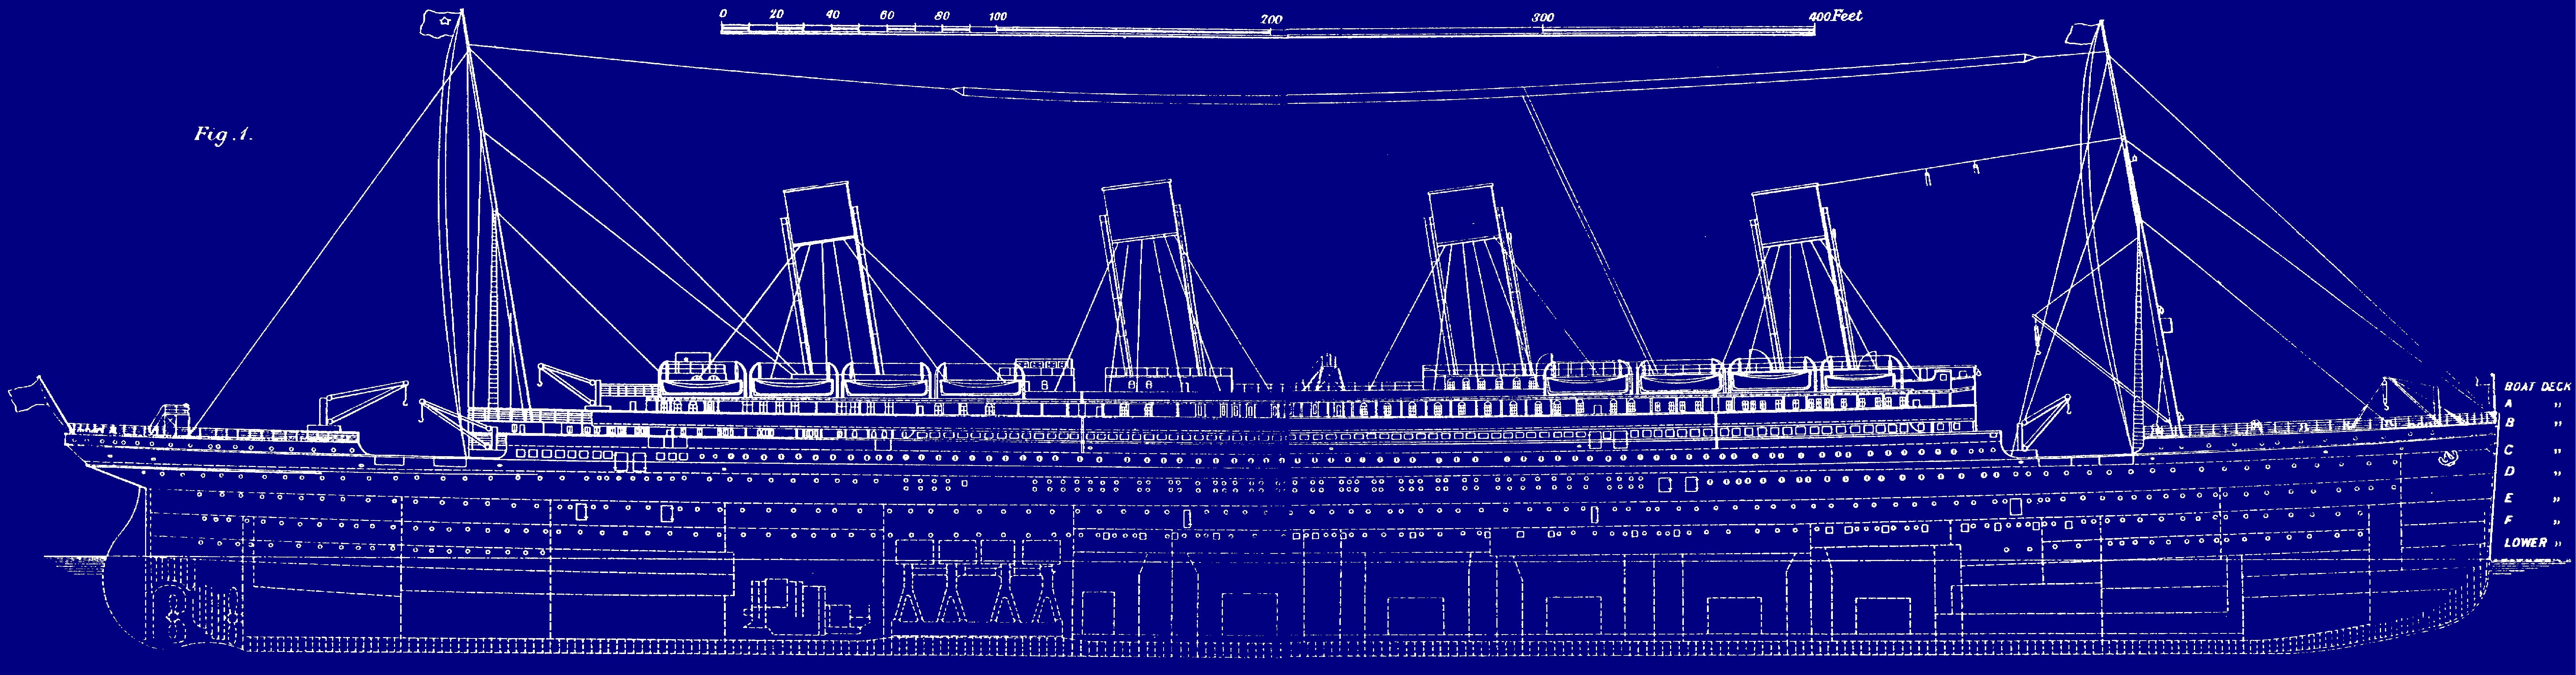 Image Result For Blueprint Holder